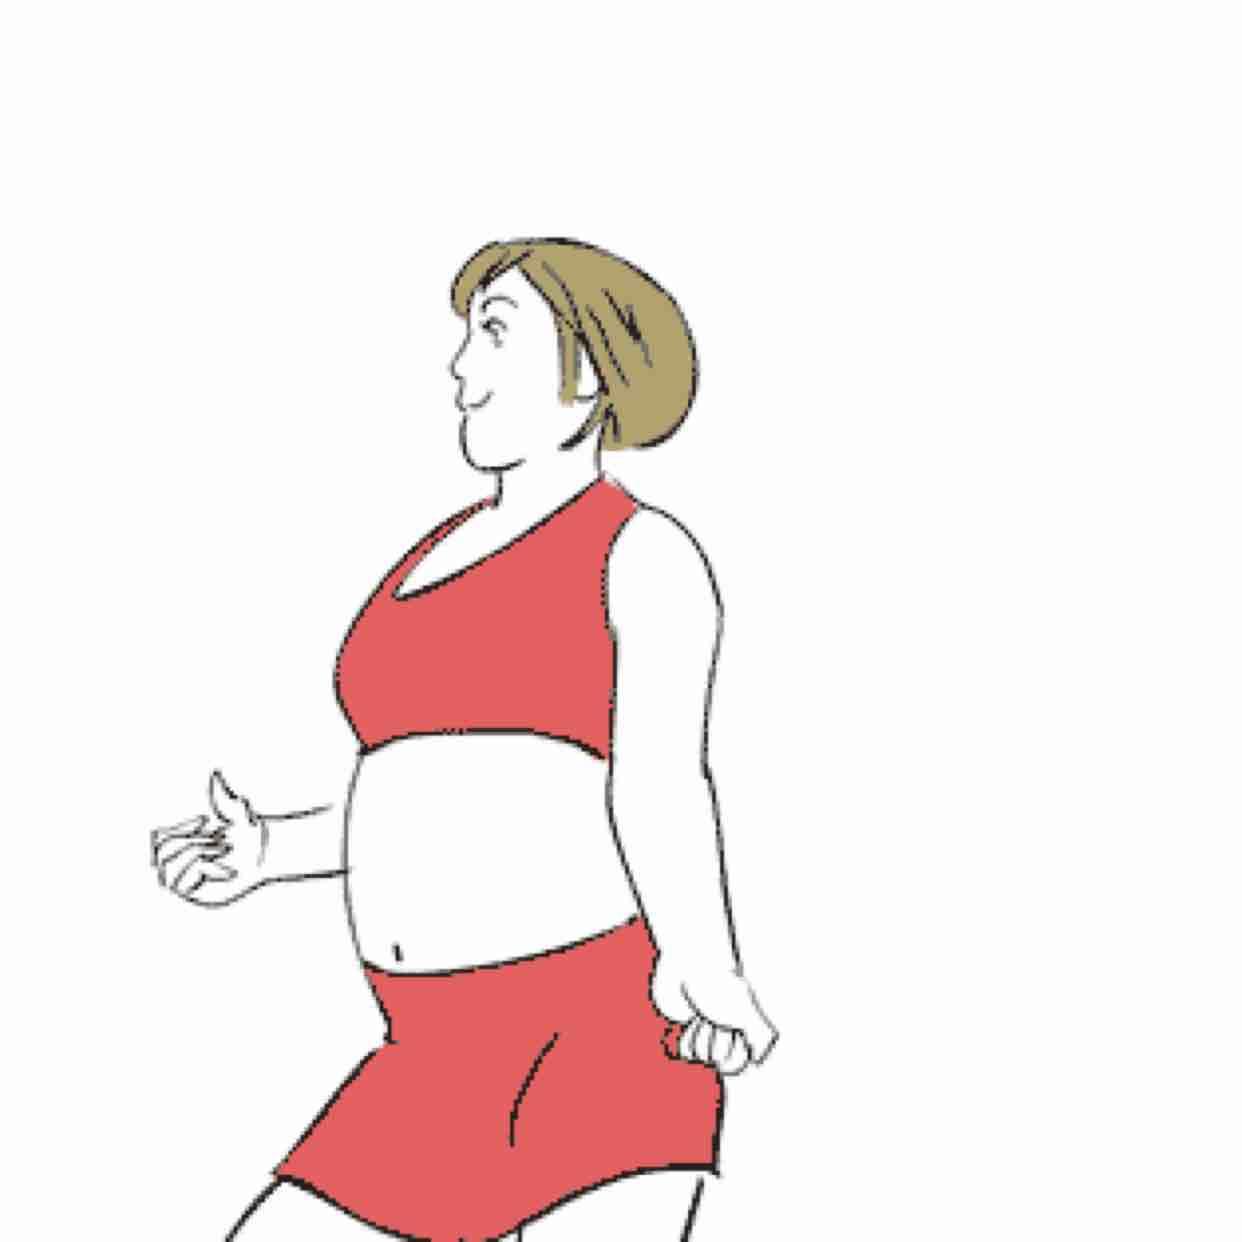 Khi cân nặng tăng lên và trở thành vấn đề